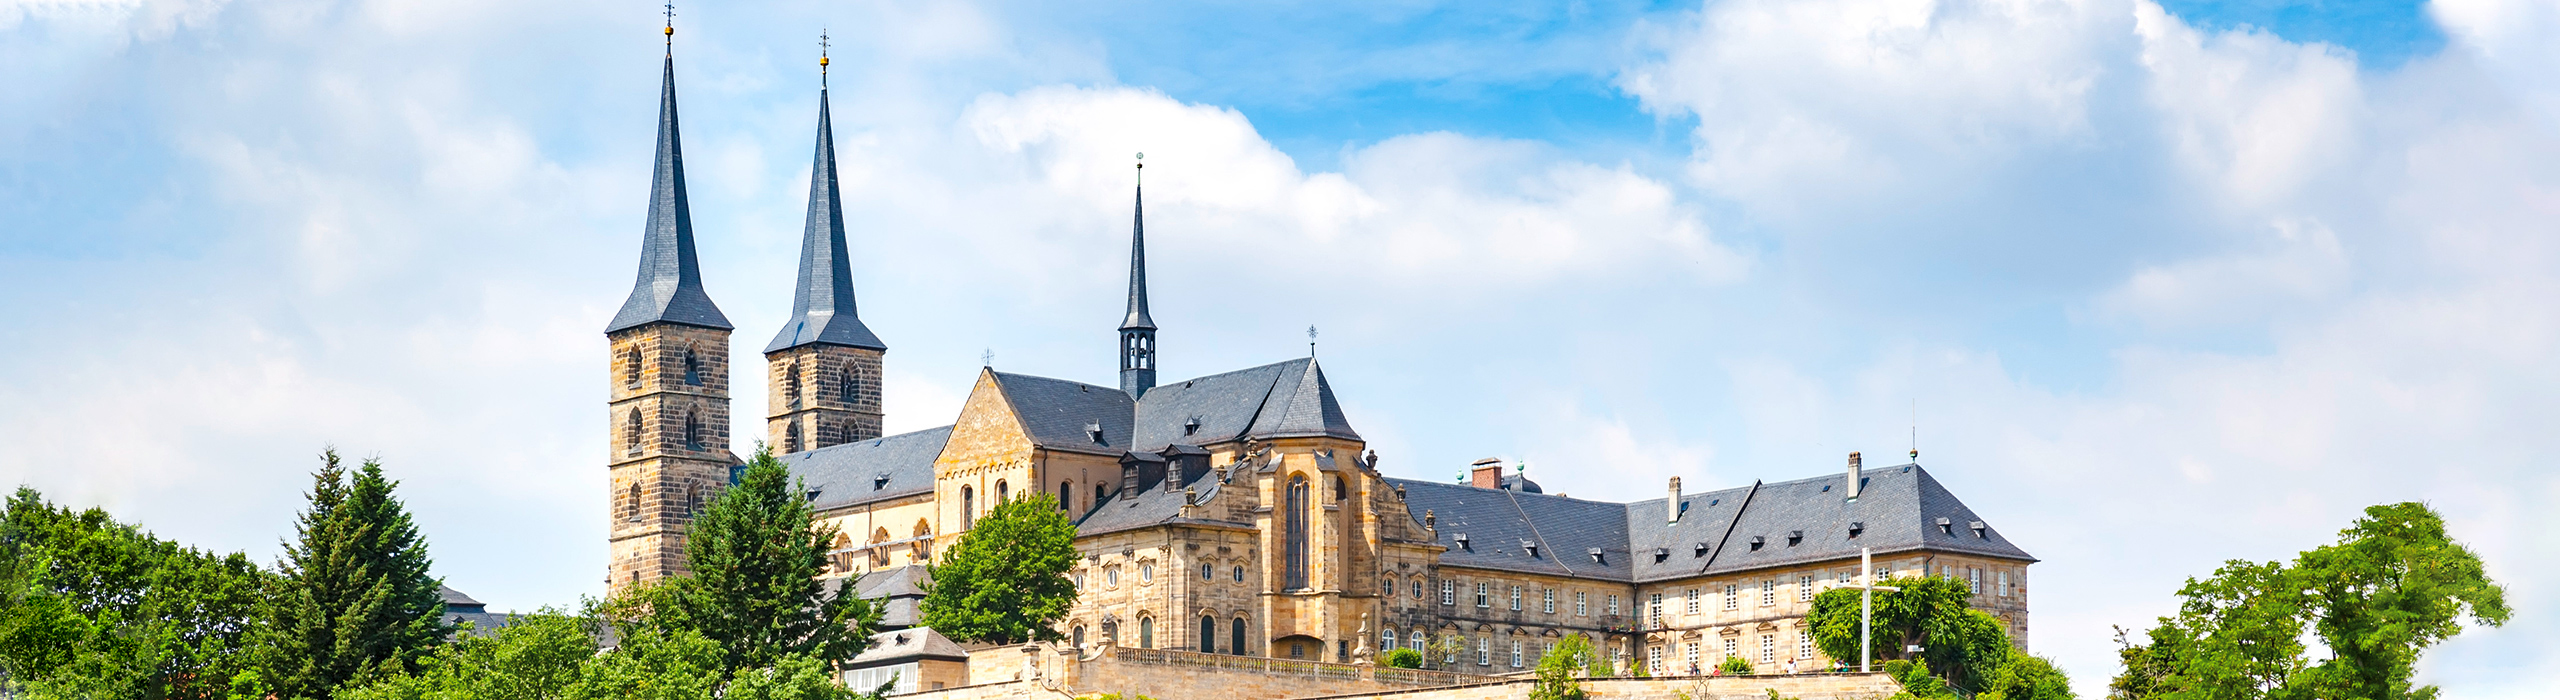 Kloster Michaelsberg